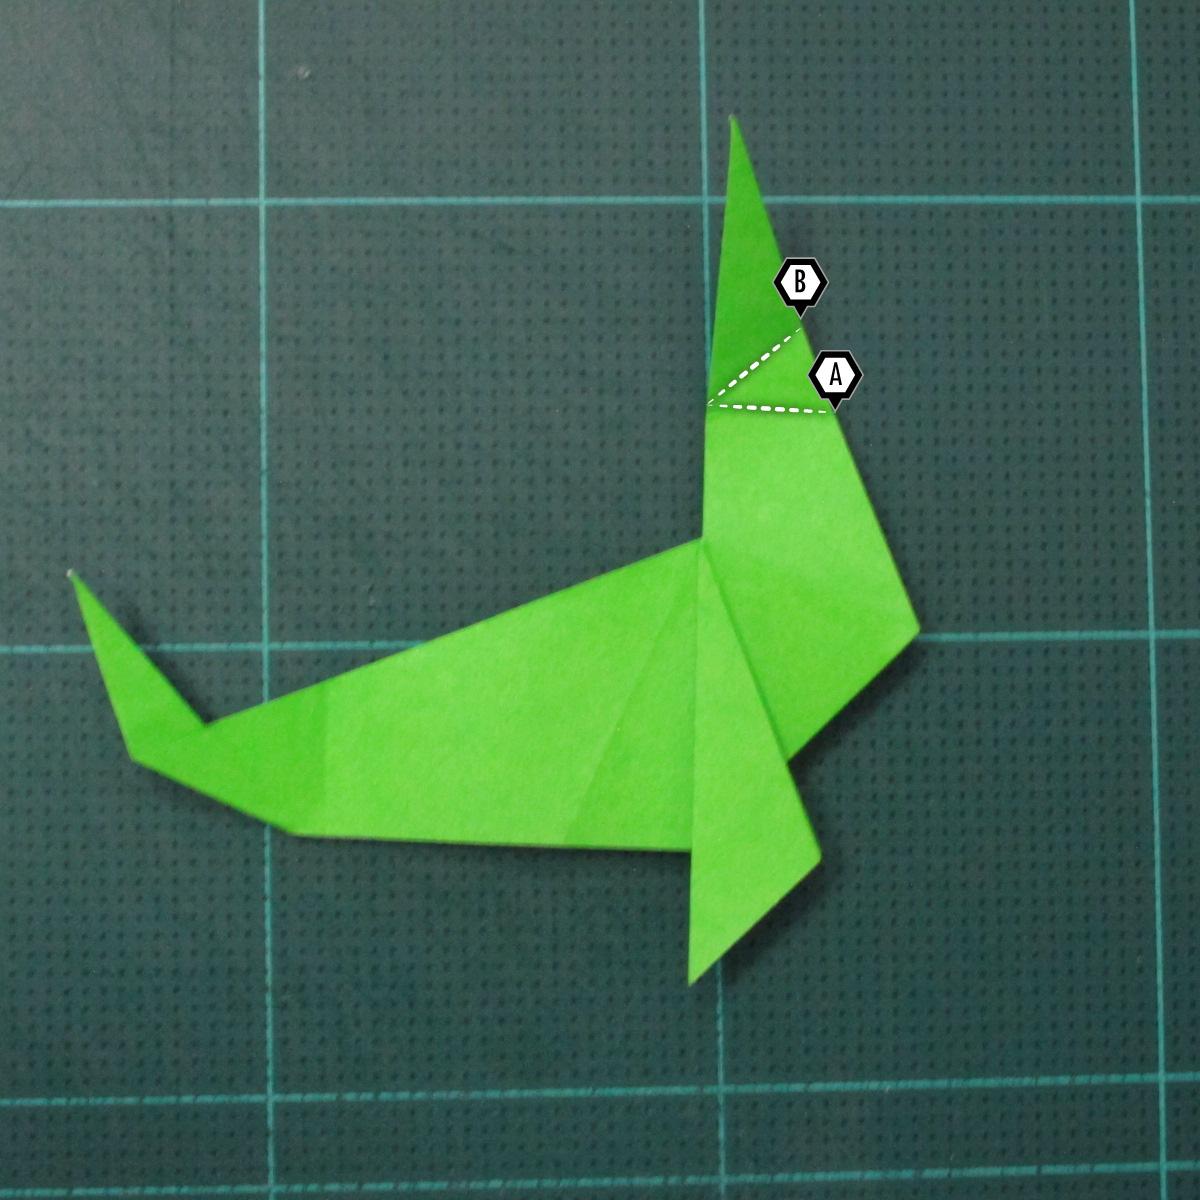 การพับกระดาษเป็นรูปแมวน้ำ (Origami Seal) 009